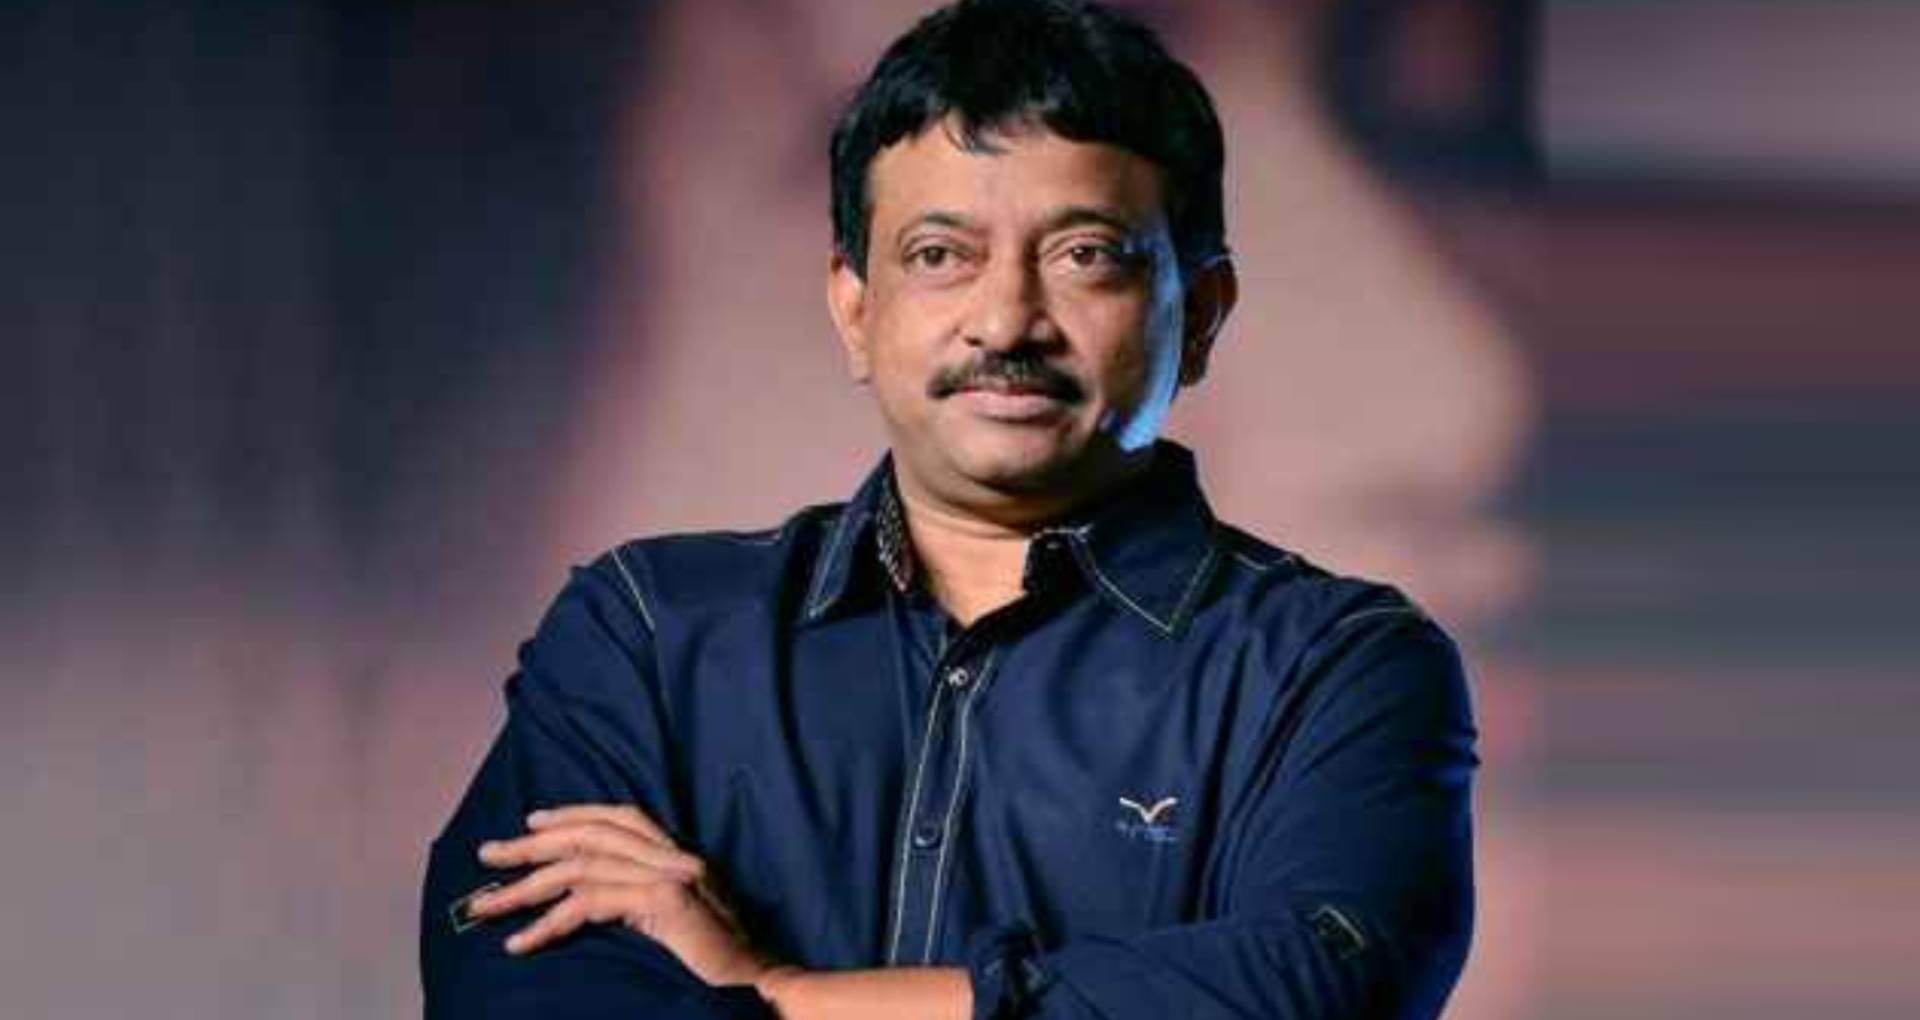 राम गोपाल वर्मा भी शामिल हुए बायोपिक रेस में, इस बड़े नेता की लाइफ पर बनाएंगे फिल्म, ये होगा नाम